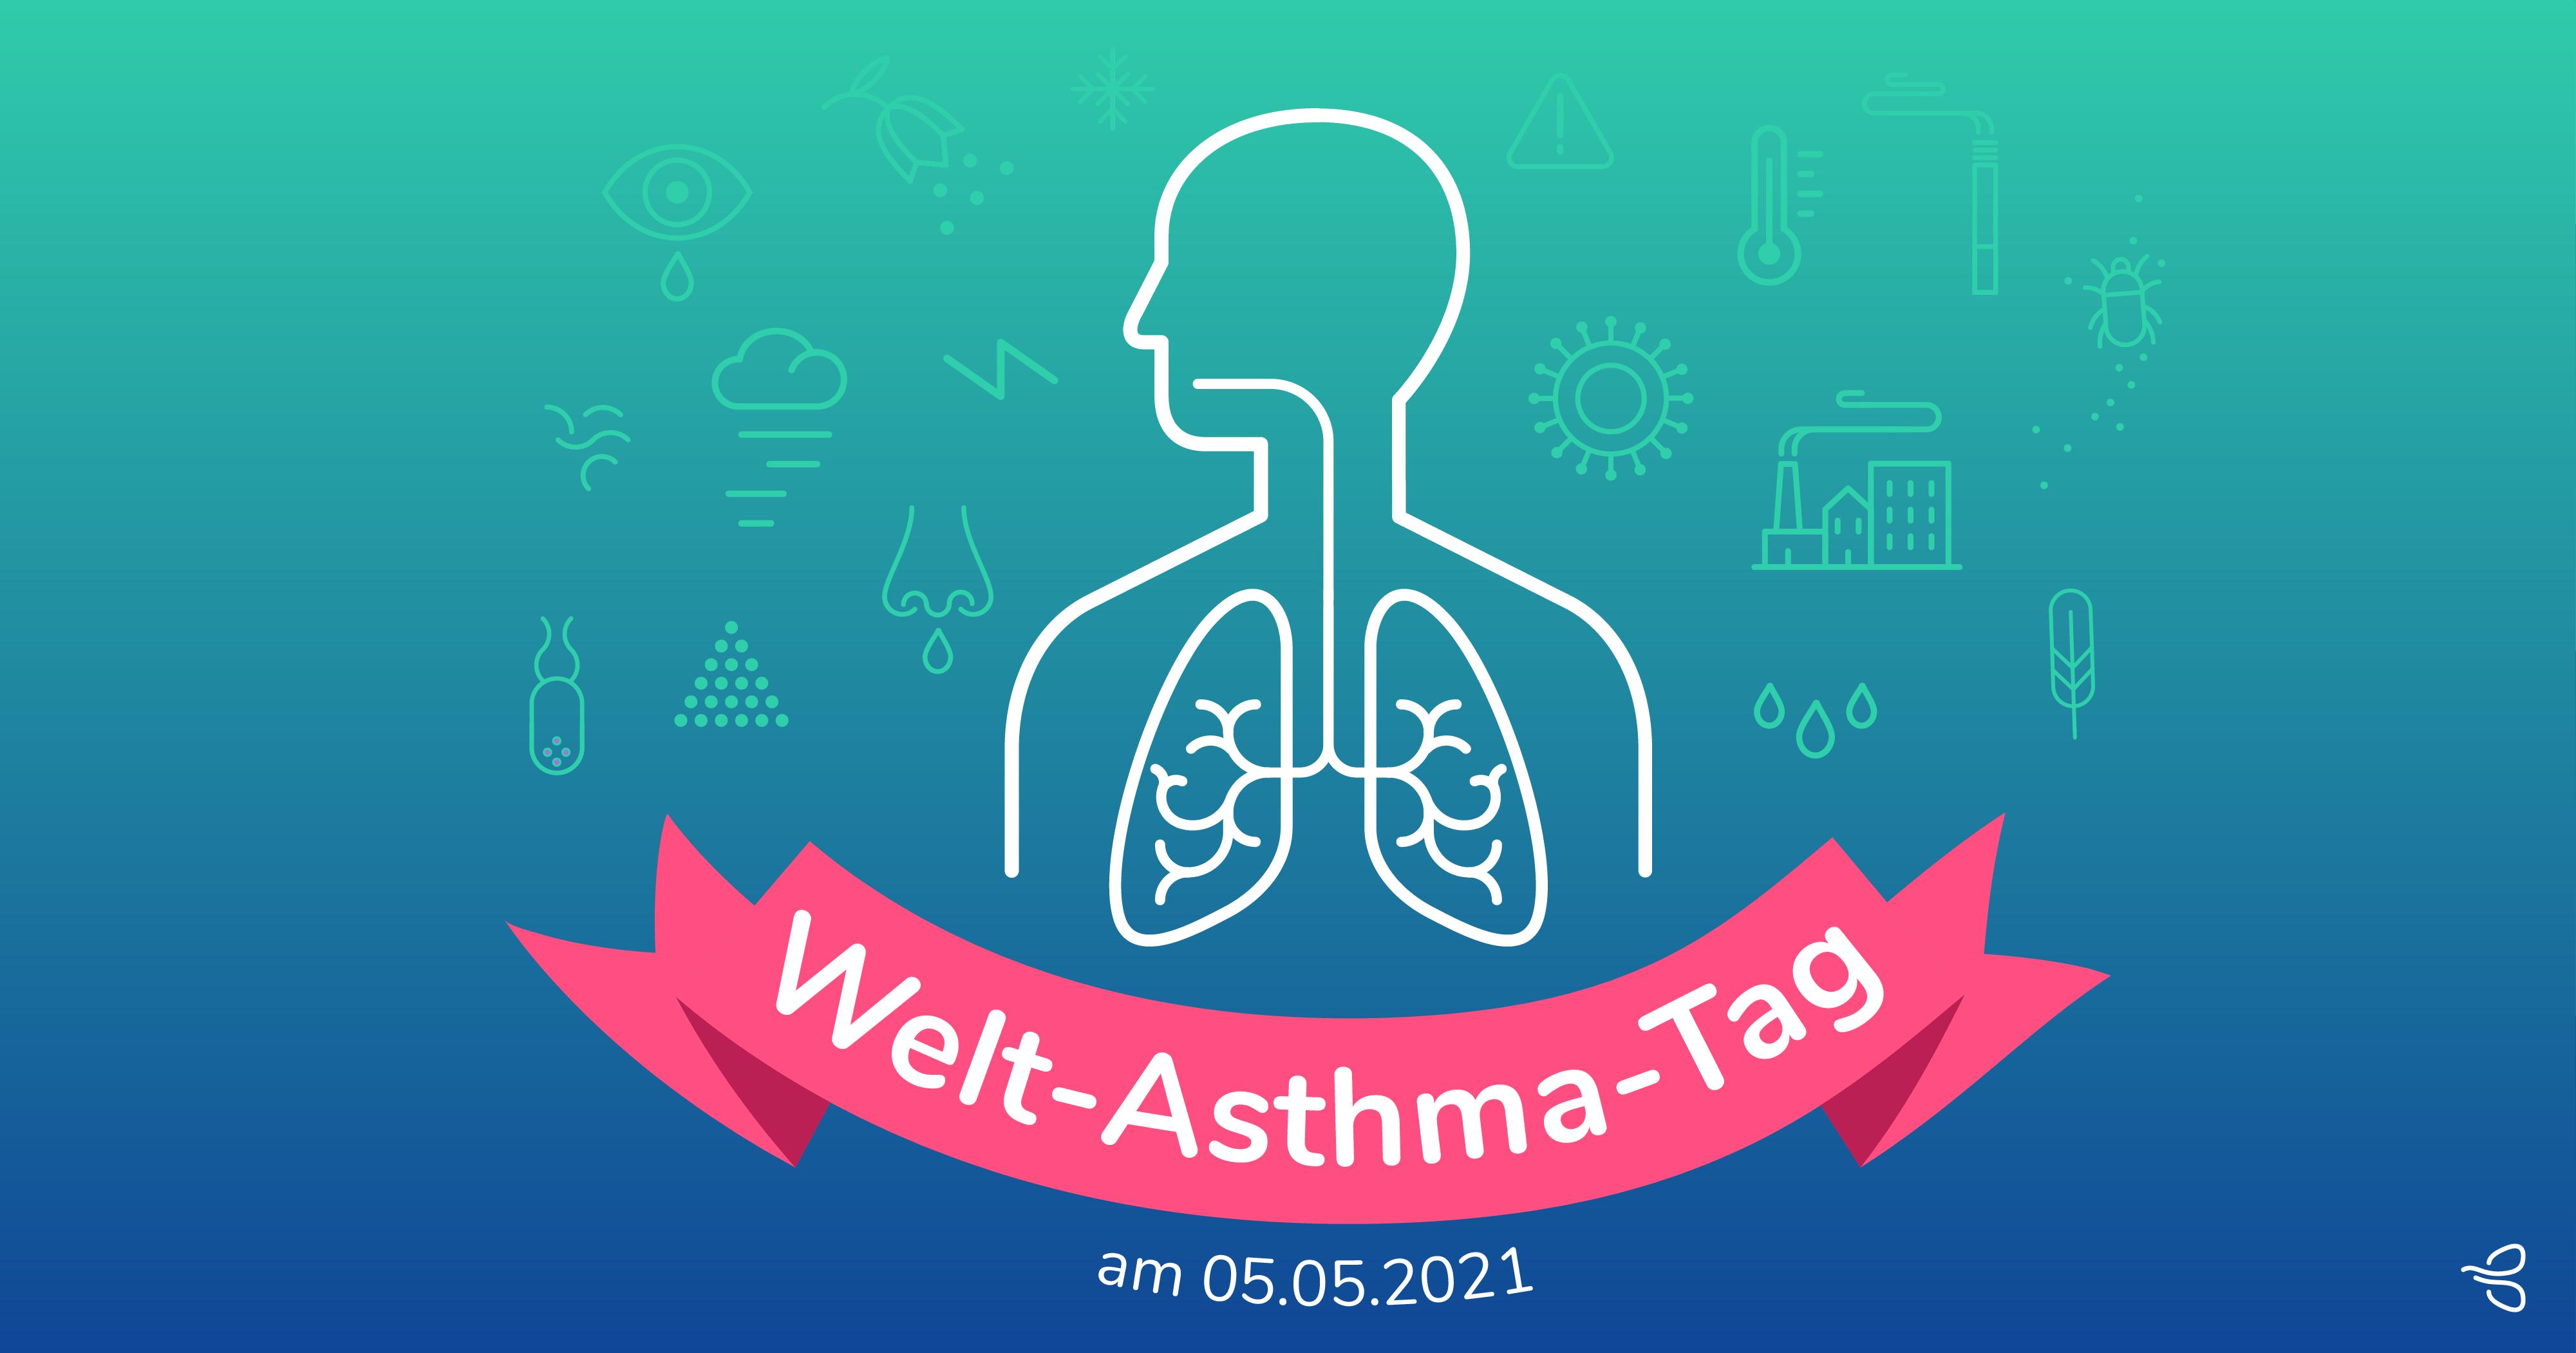 Heute ist Welt-Asthma-Tag